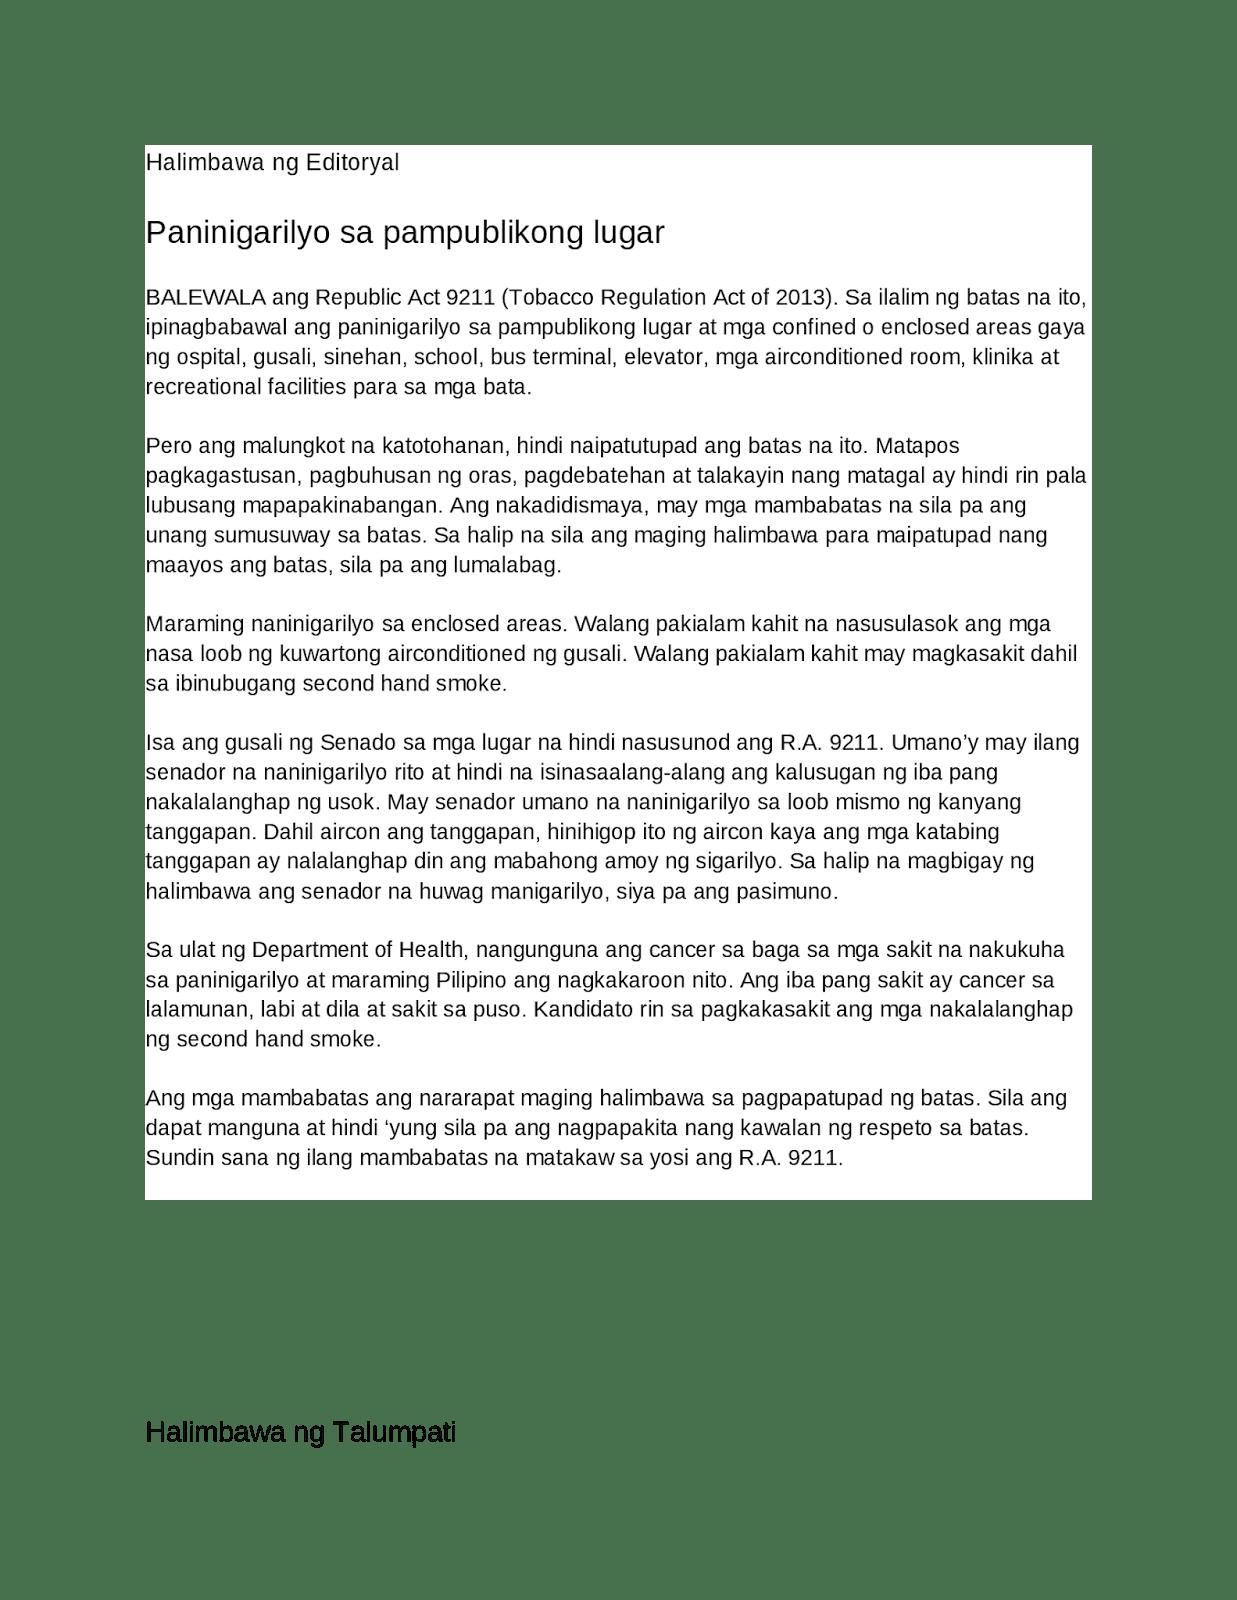 tungkol sa paggawa ng tulay Ep 63: nathan, binasa si ginno habang nagtatapat kay dani july 11,2018 11:29 pm ep 63: janice, pinayuhan si nathan tungkol kay dani july 11,2018 11:28 pm.